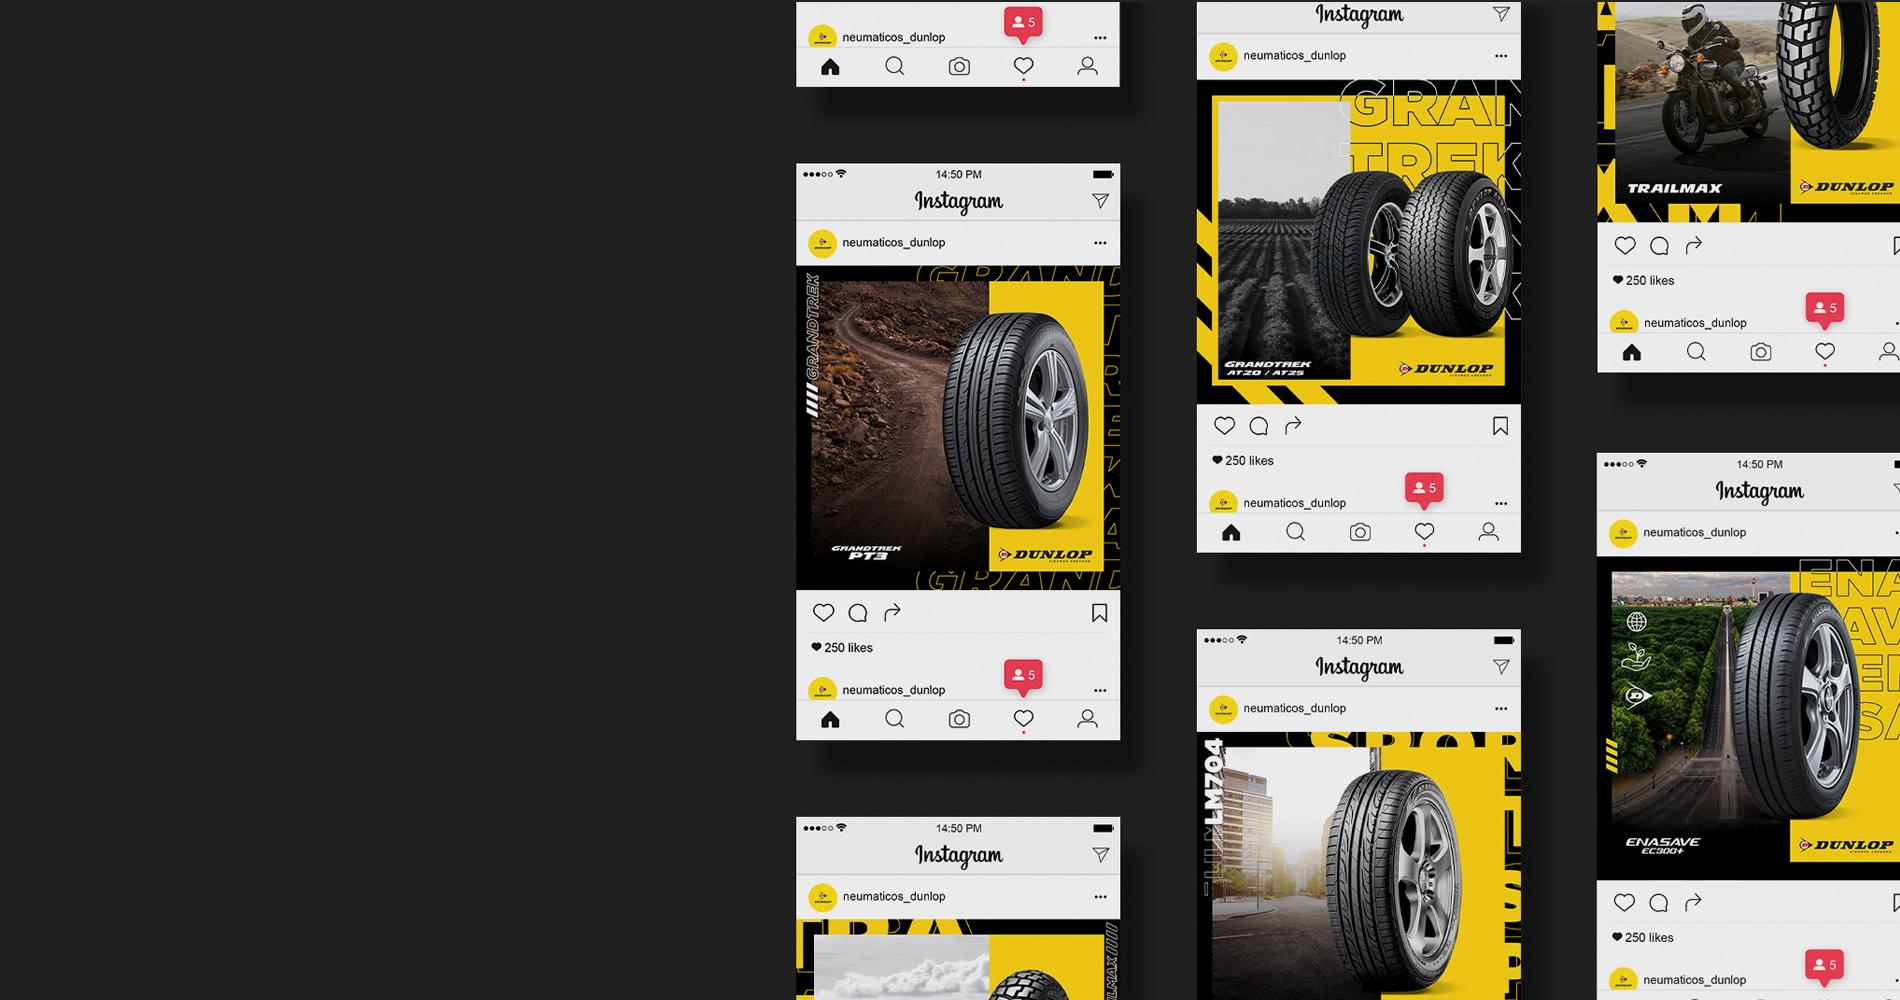 Dunlop neumáticos - Social Media